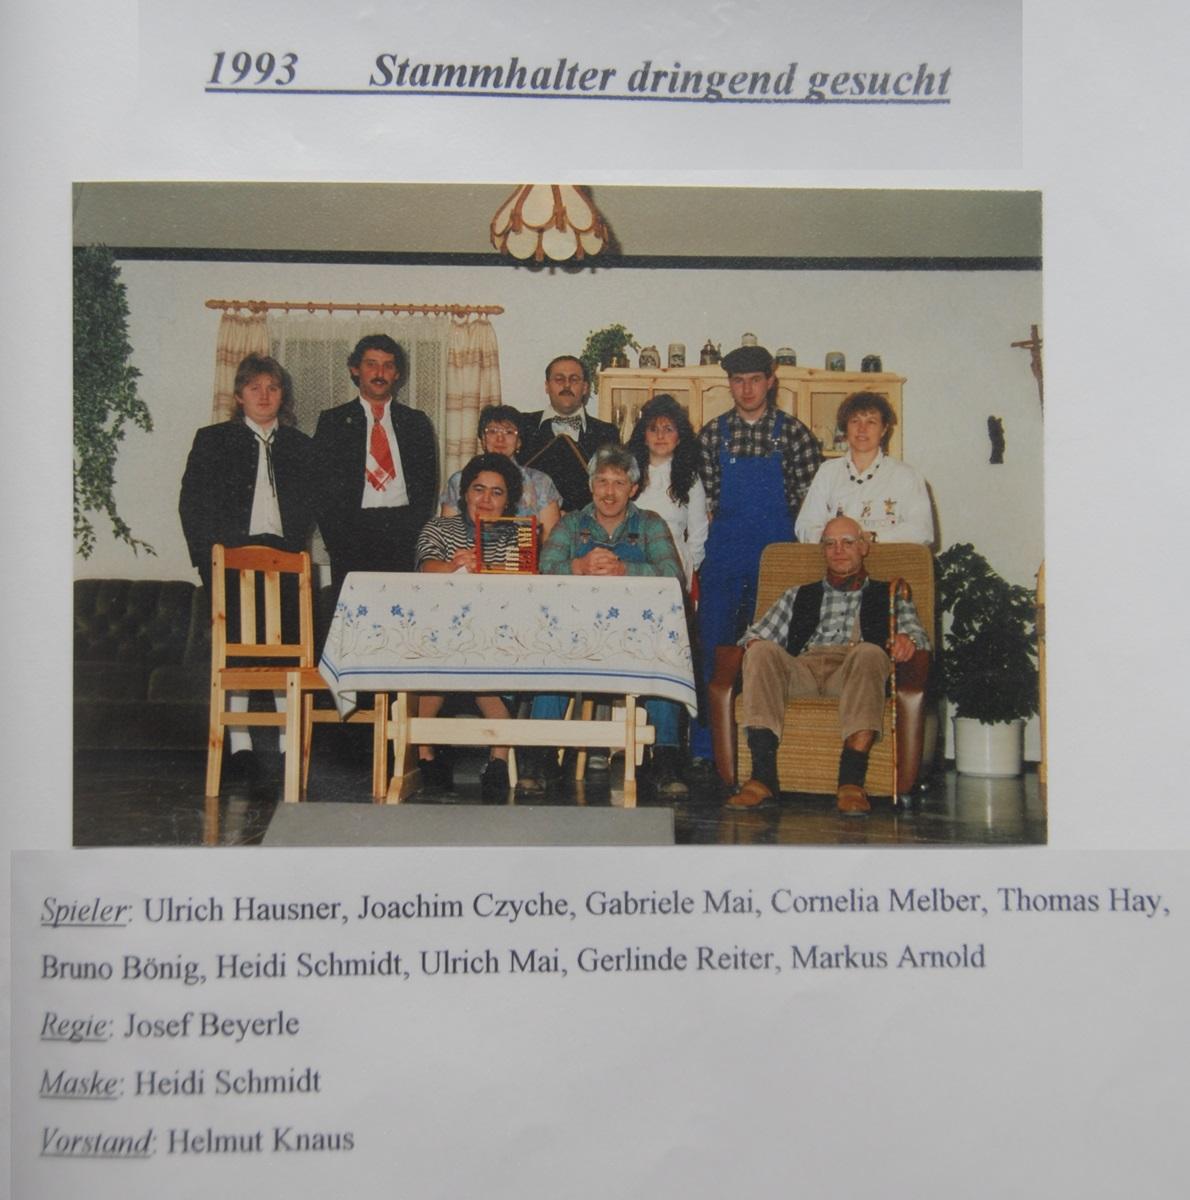 KSC-Theater-1993-Stammhalter-dringend-gesucht